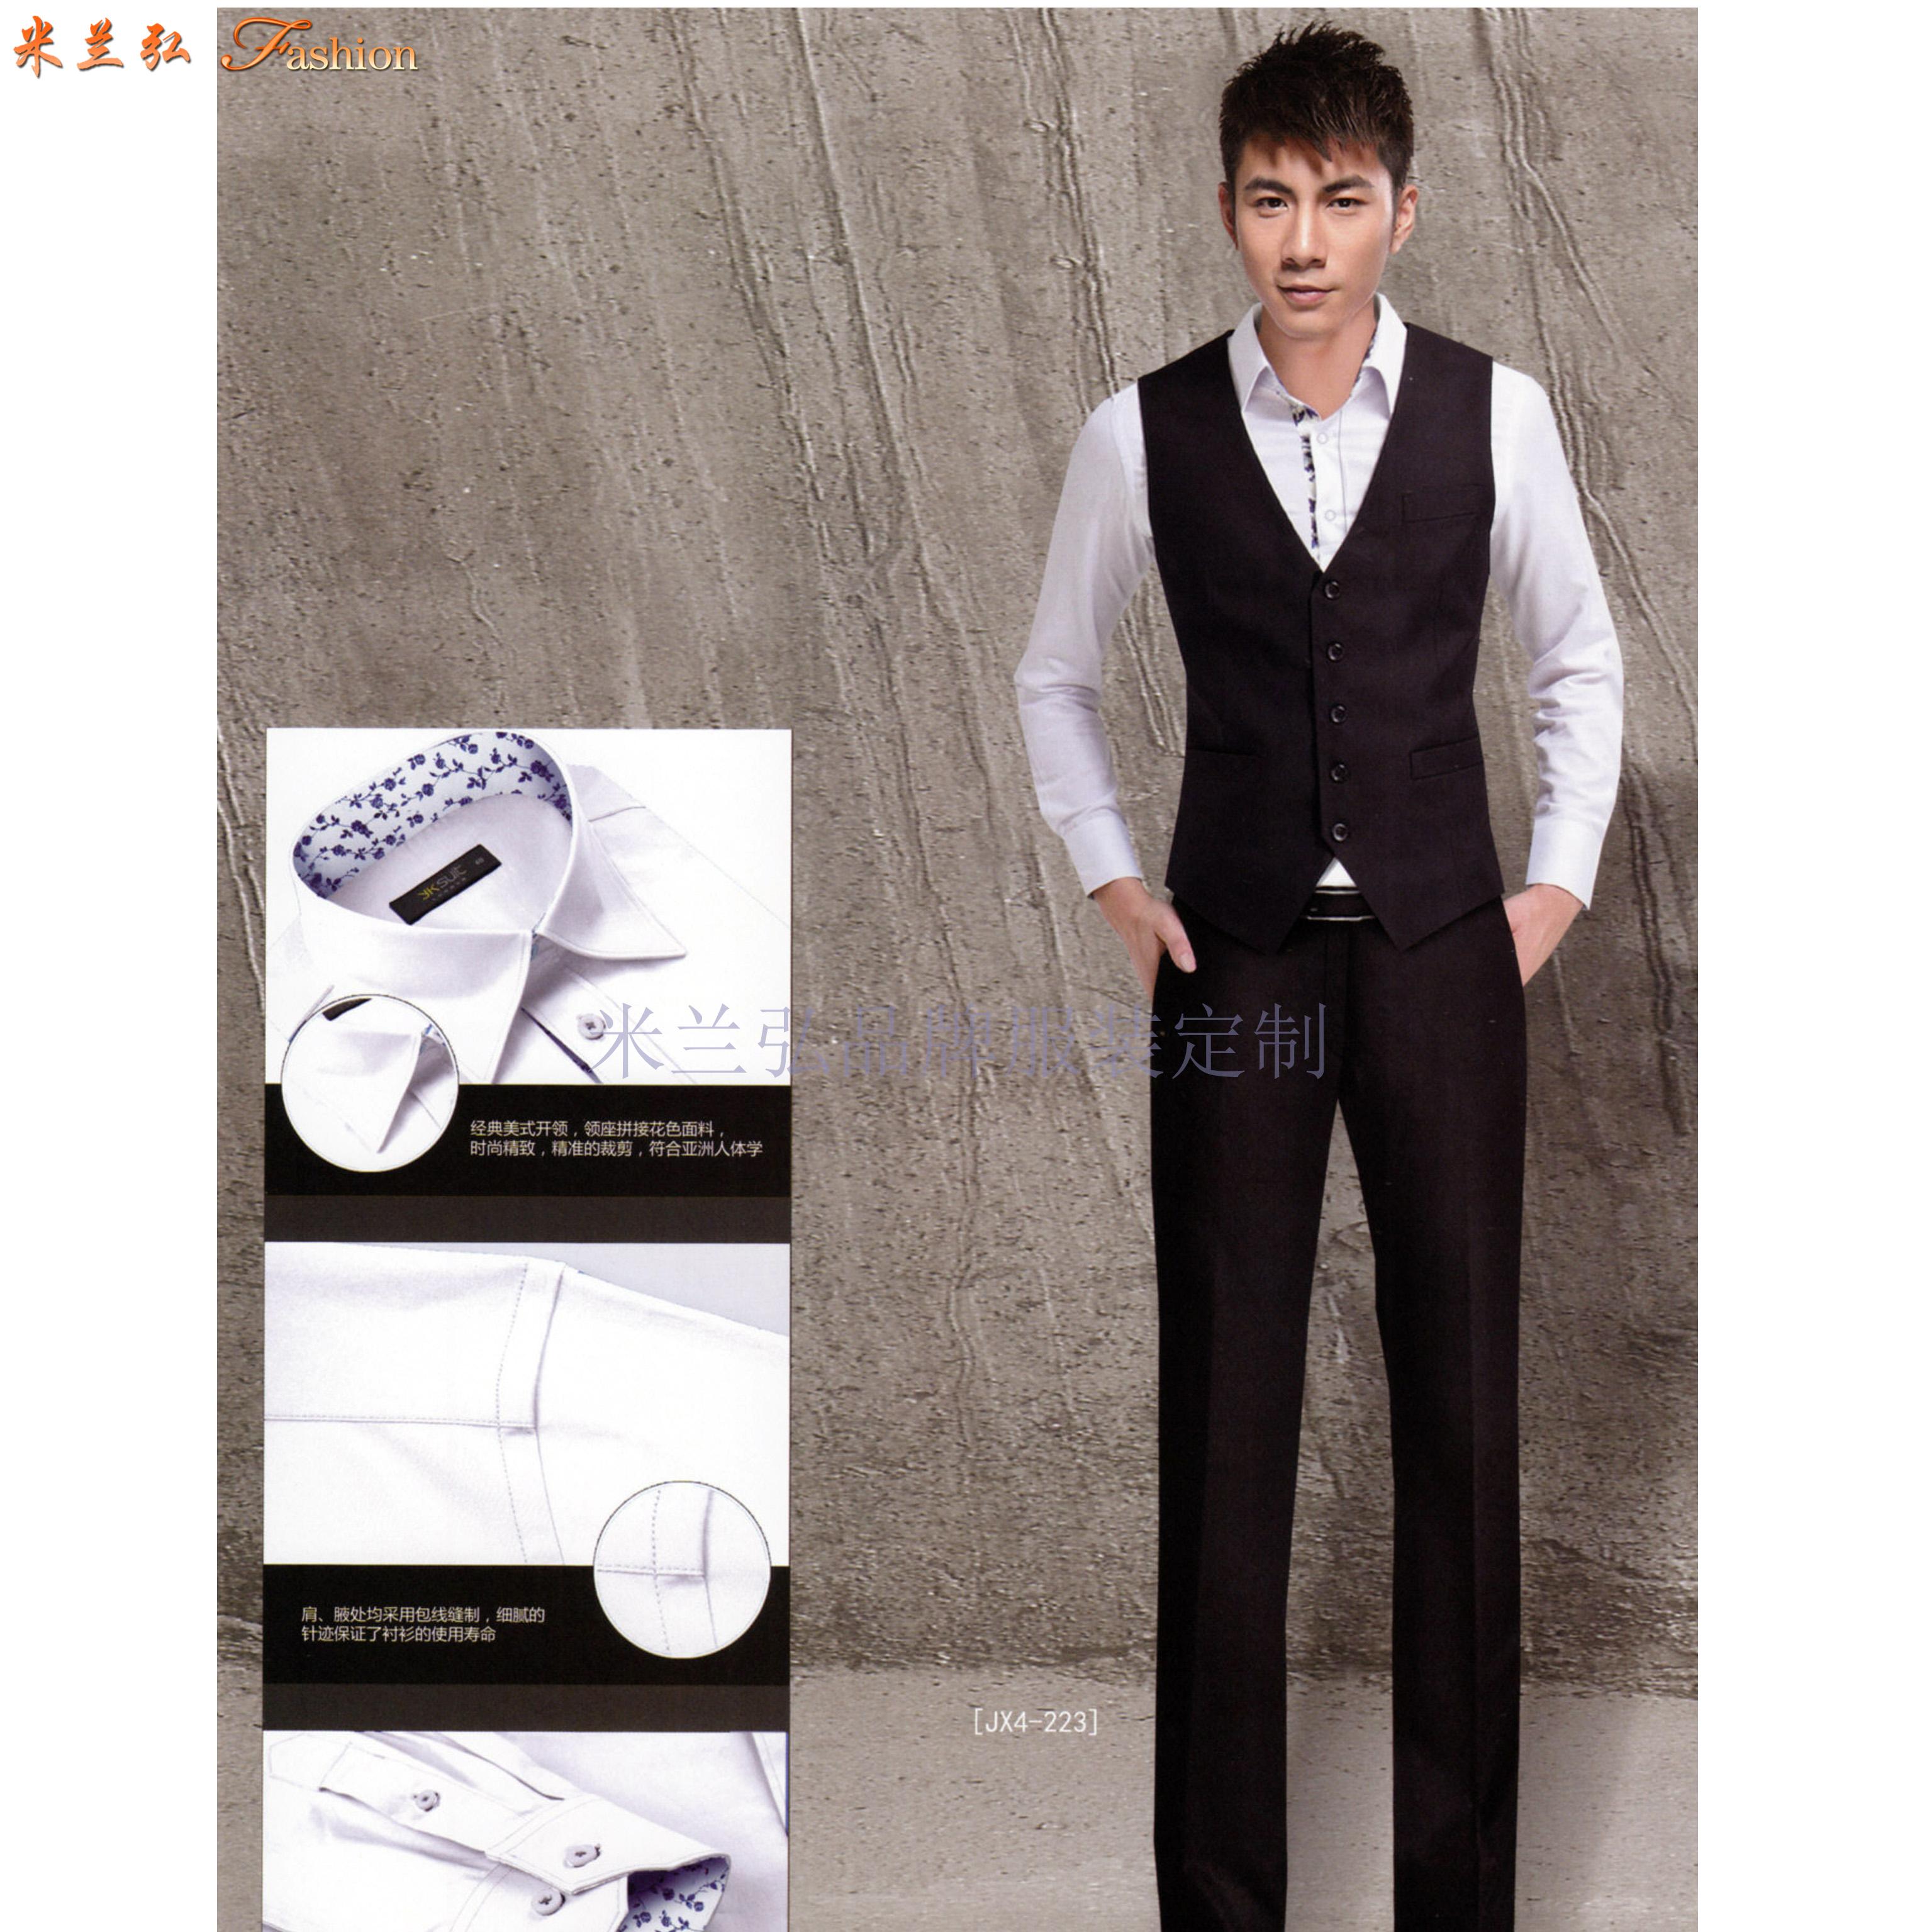 比較正式的商務西服一般選擇黑色或者藏藍色的羊毛面料-米蘭弘-4